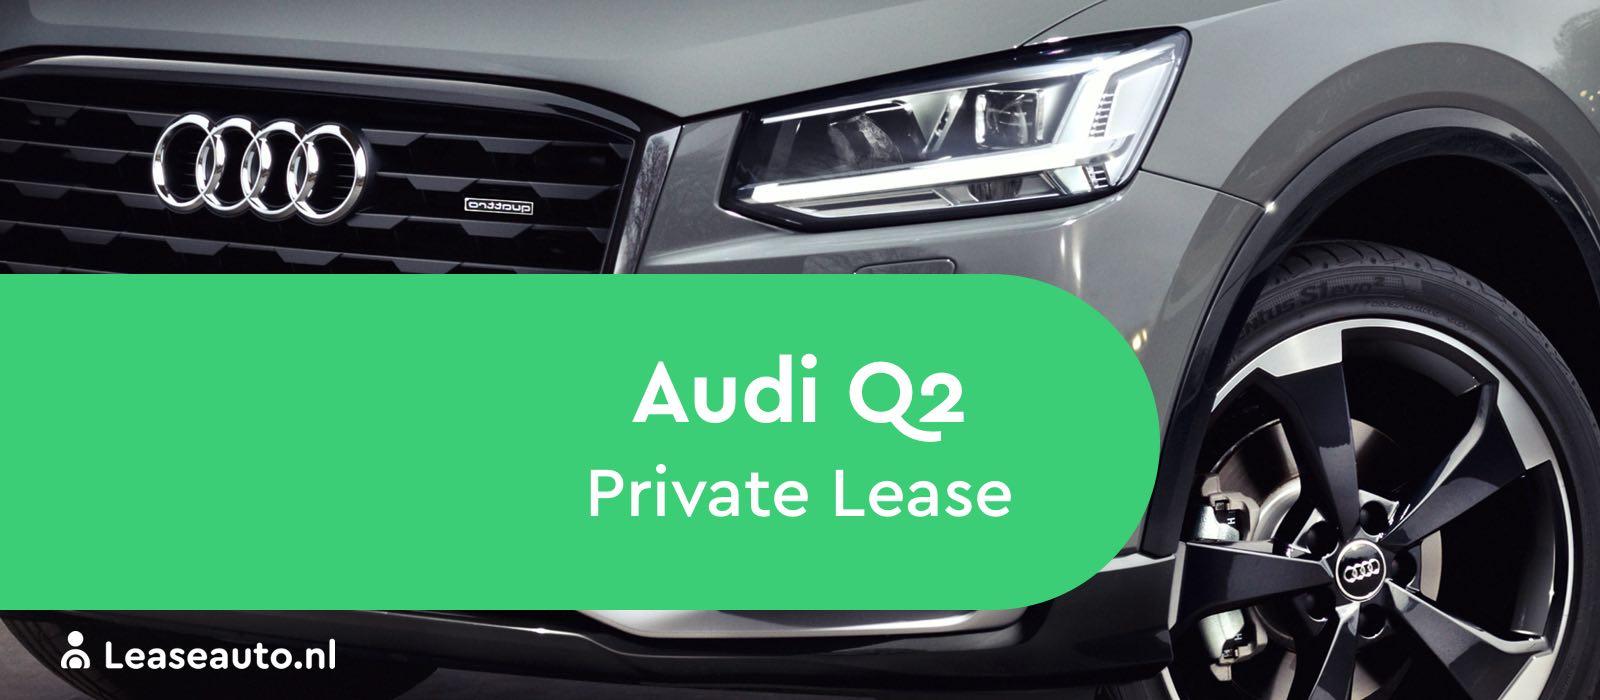 audi q2 private lease